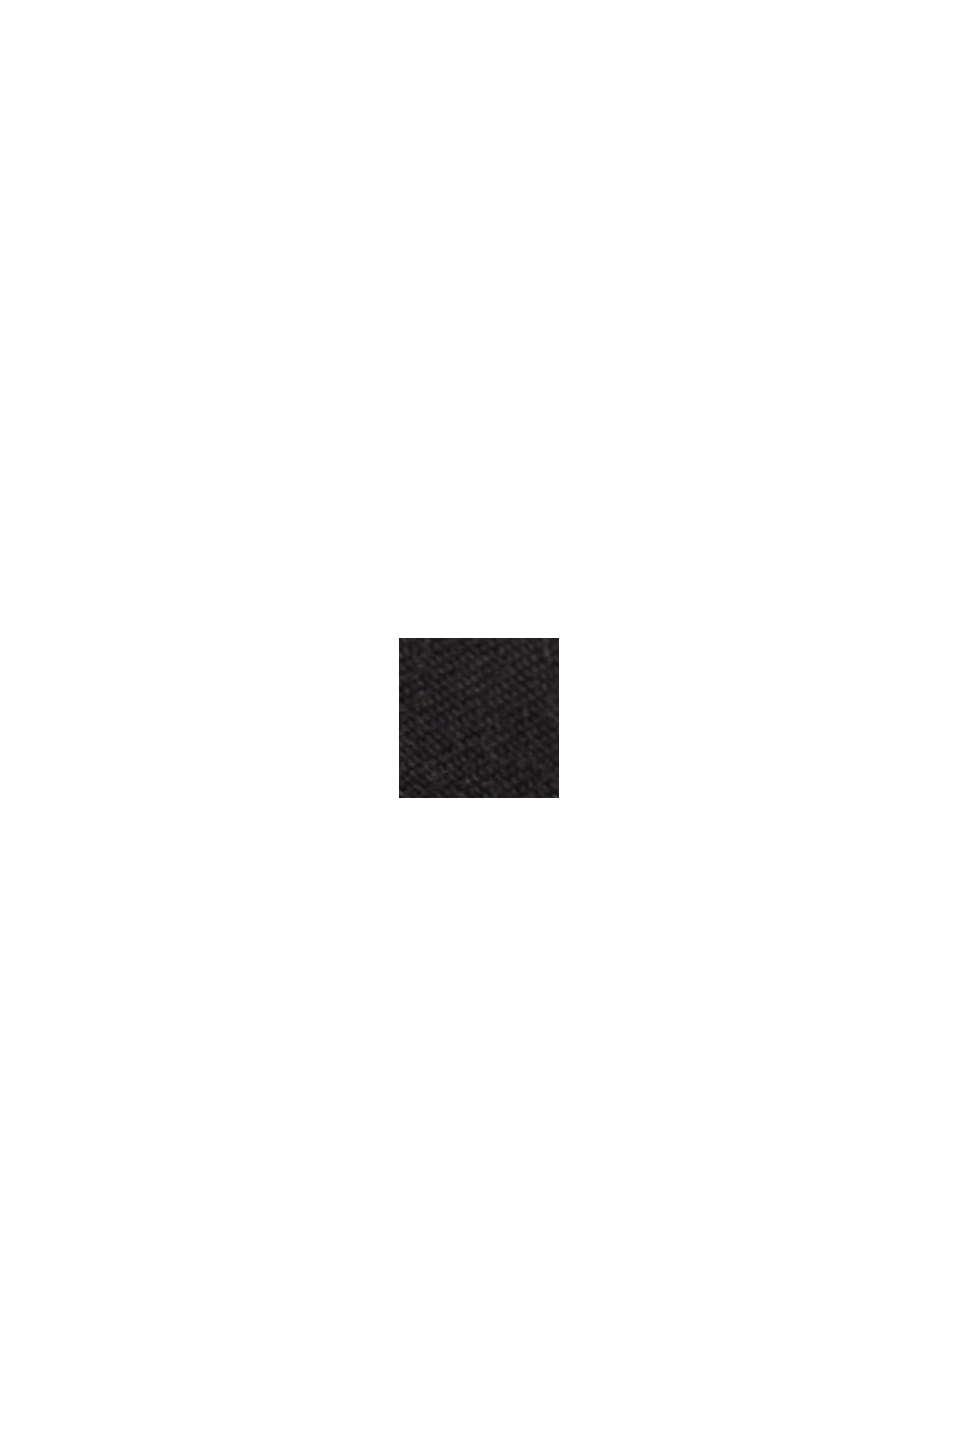 Giacca per le mezze stagioni impermeabile in misto cotone, BLACK, swatch